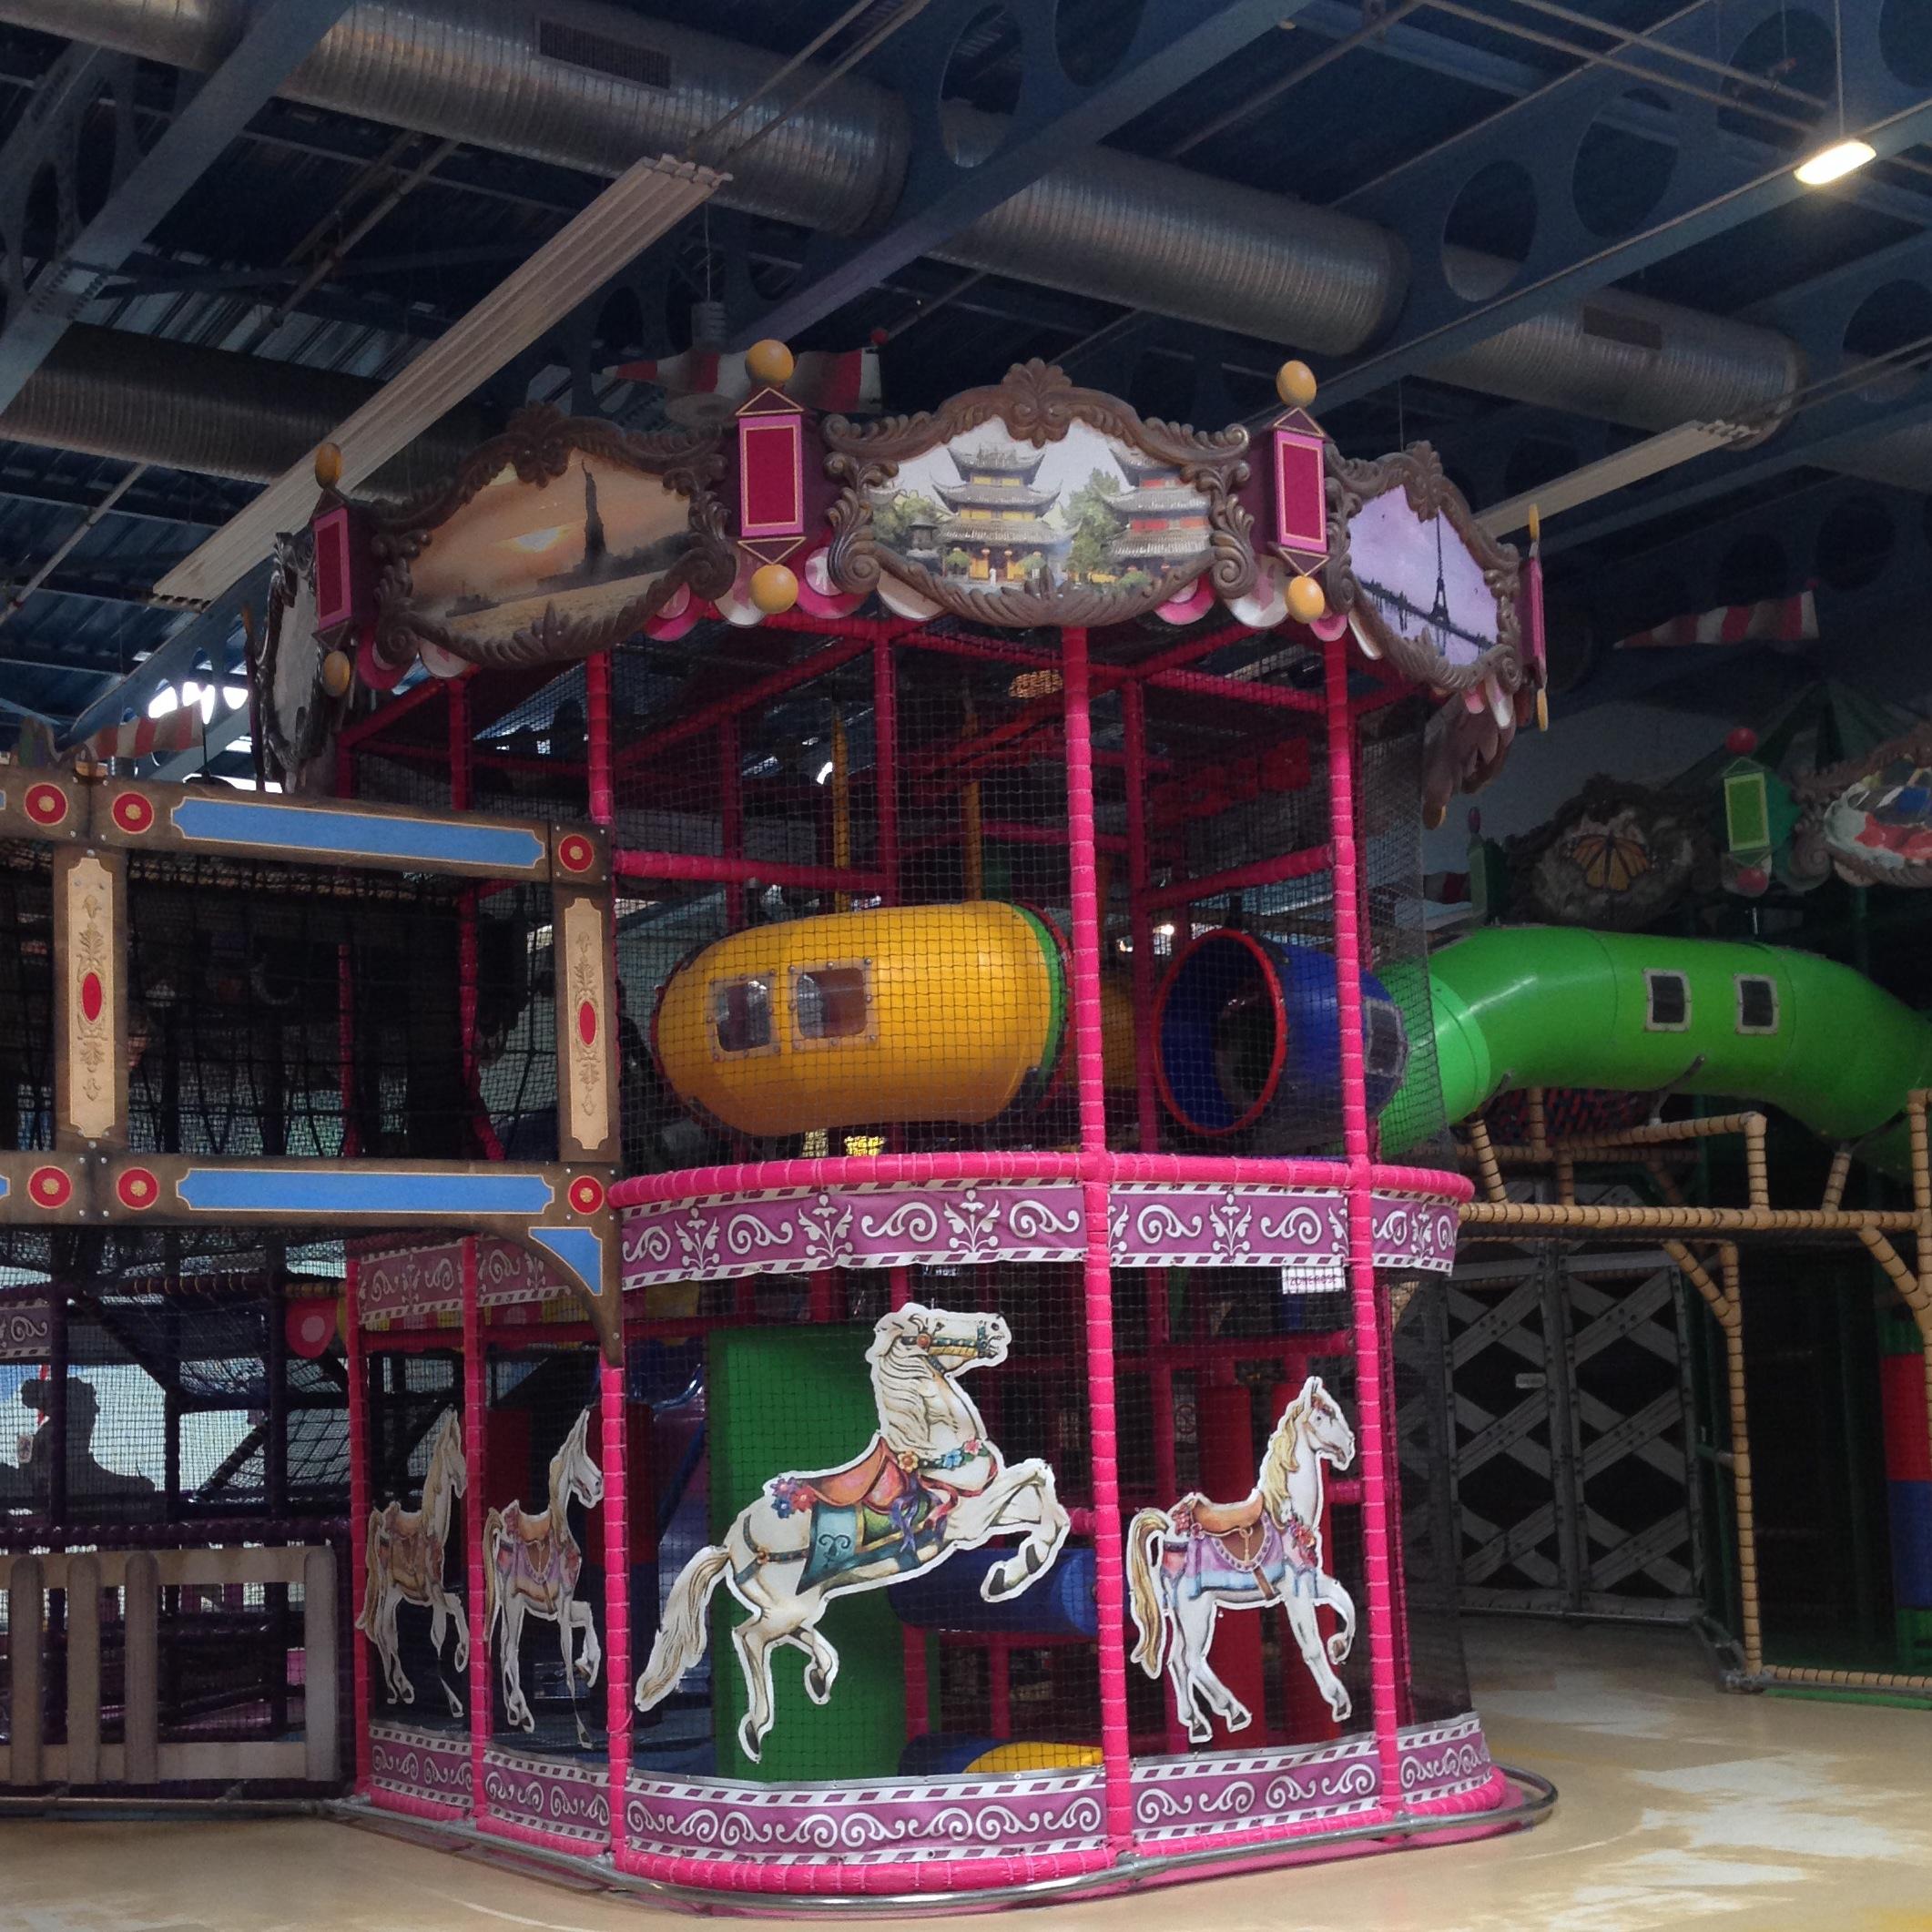 Vis ma vie de maman au parc de jeux int rieur humour for Parc interieur pour enfant